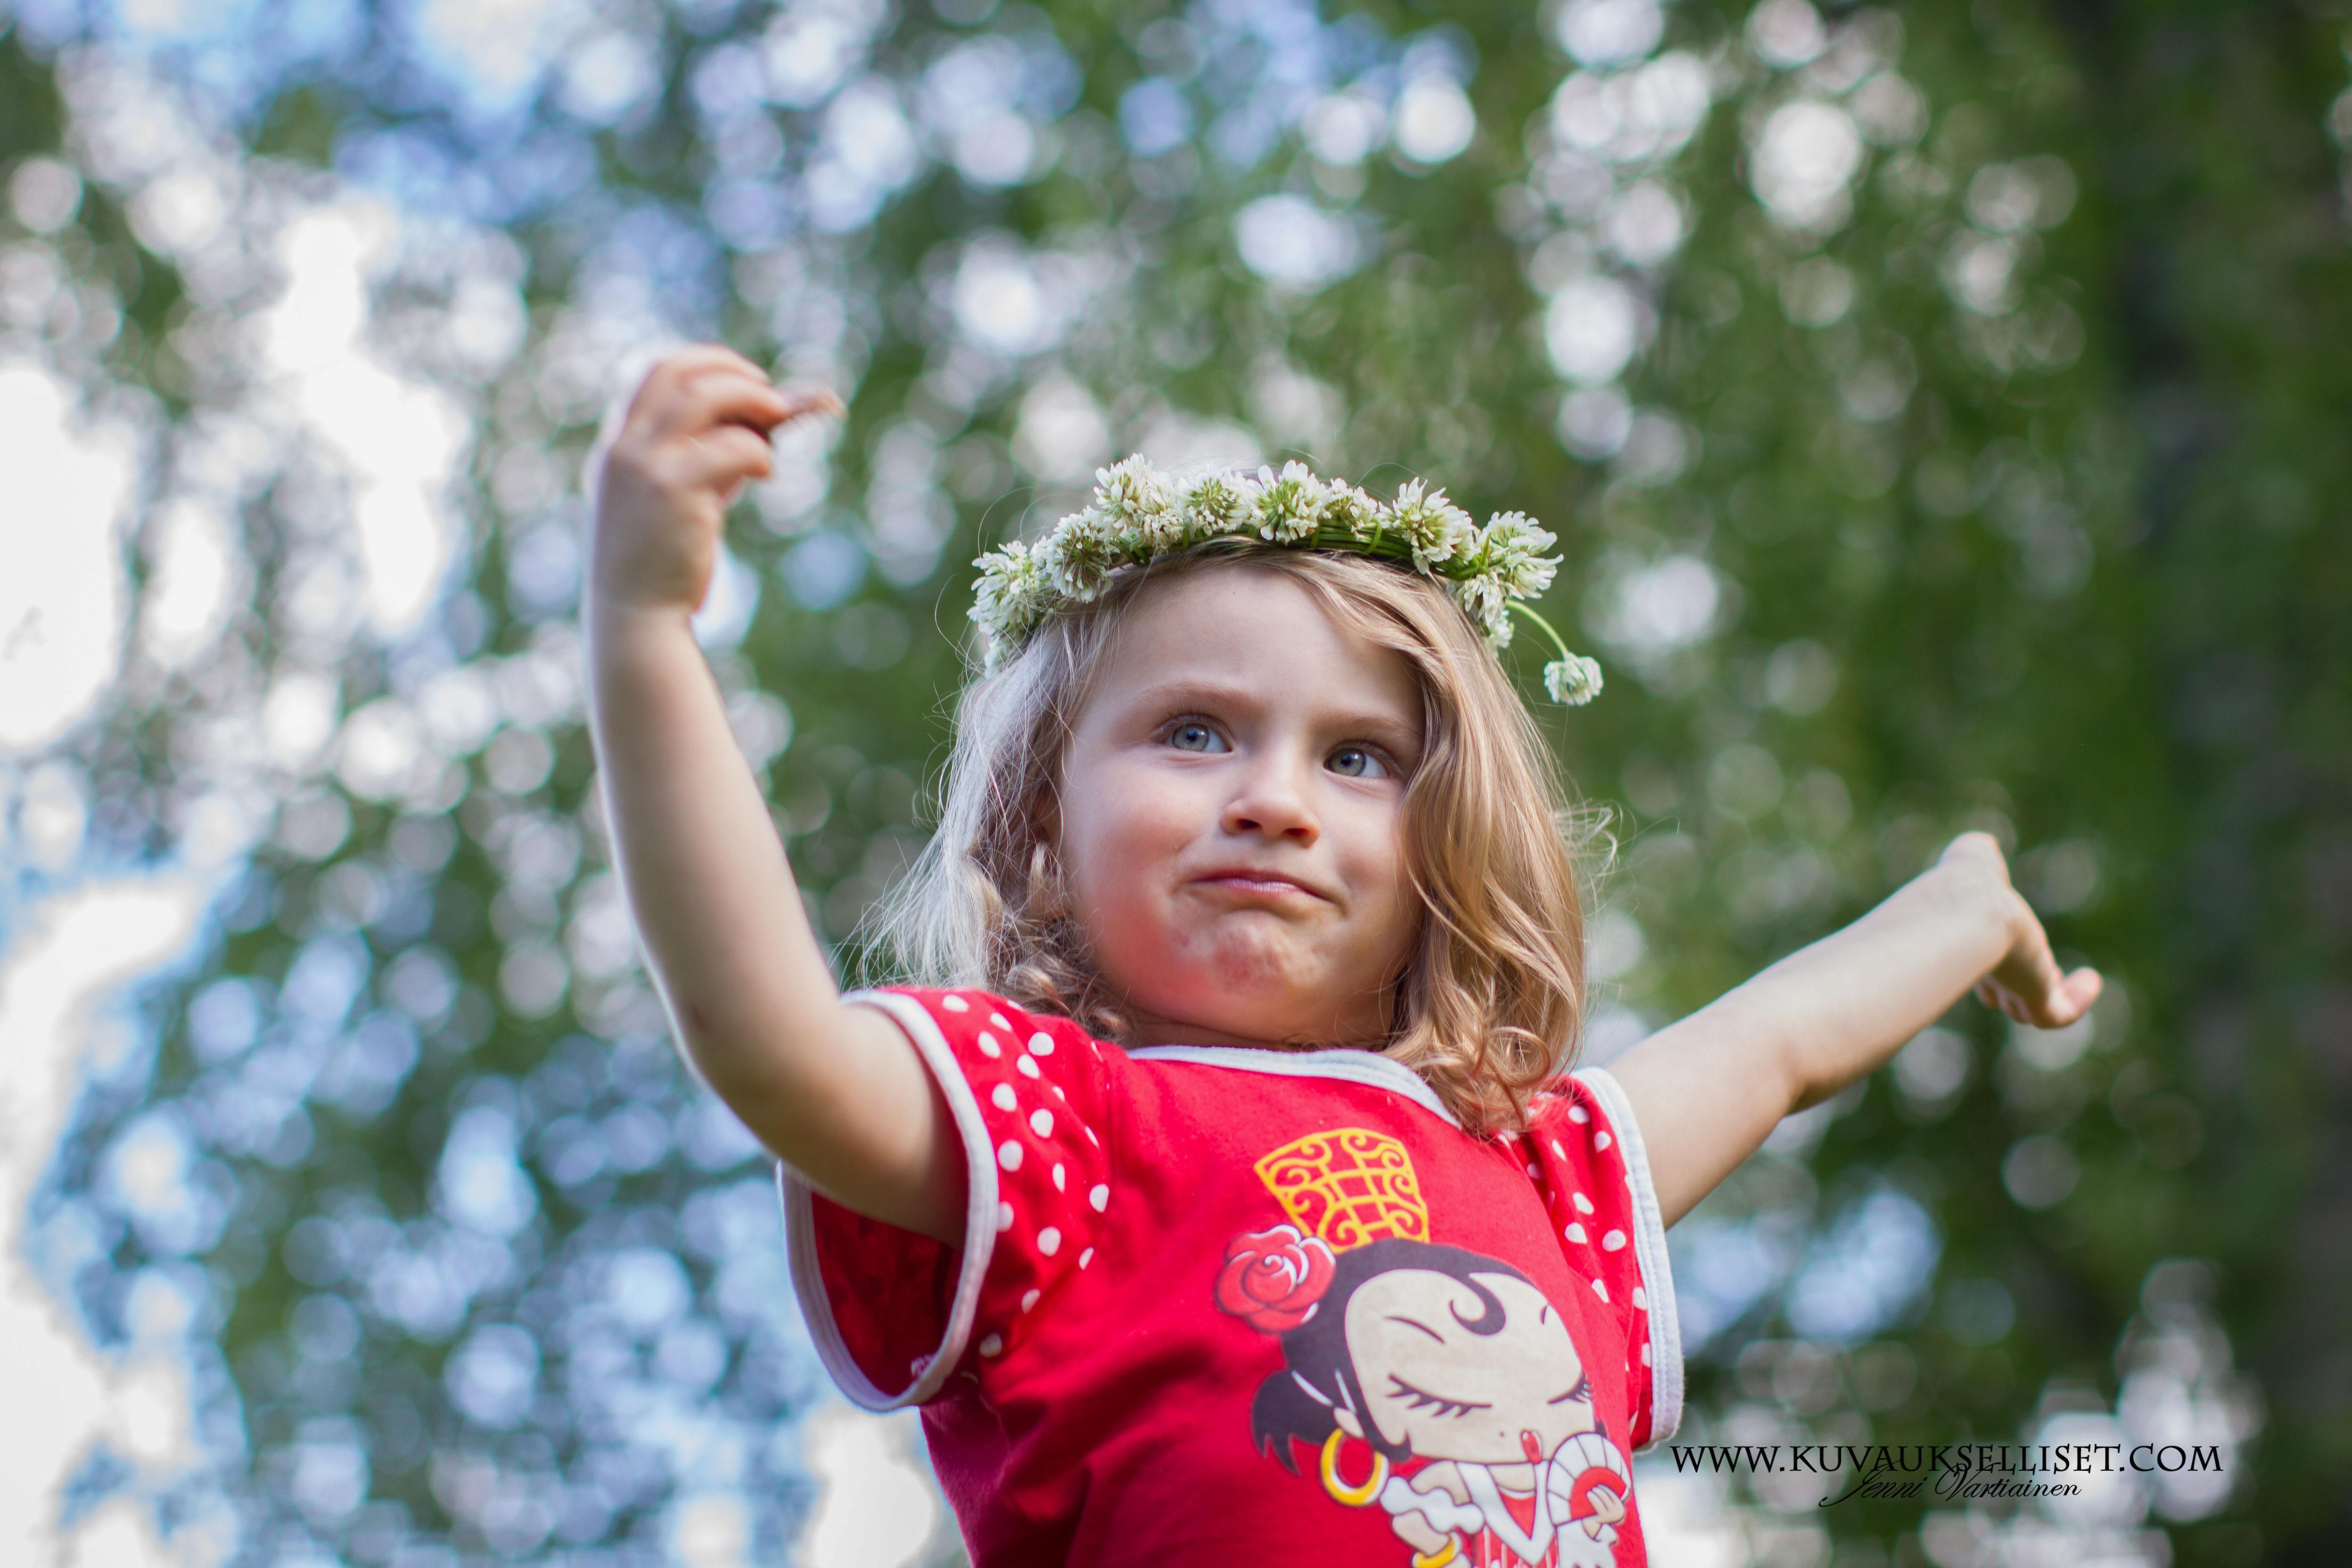 2014.7.30 lapsikuvaus miljöökuvaus sisaruskuvaus perhekuvaus child photo (1 of 1)